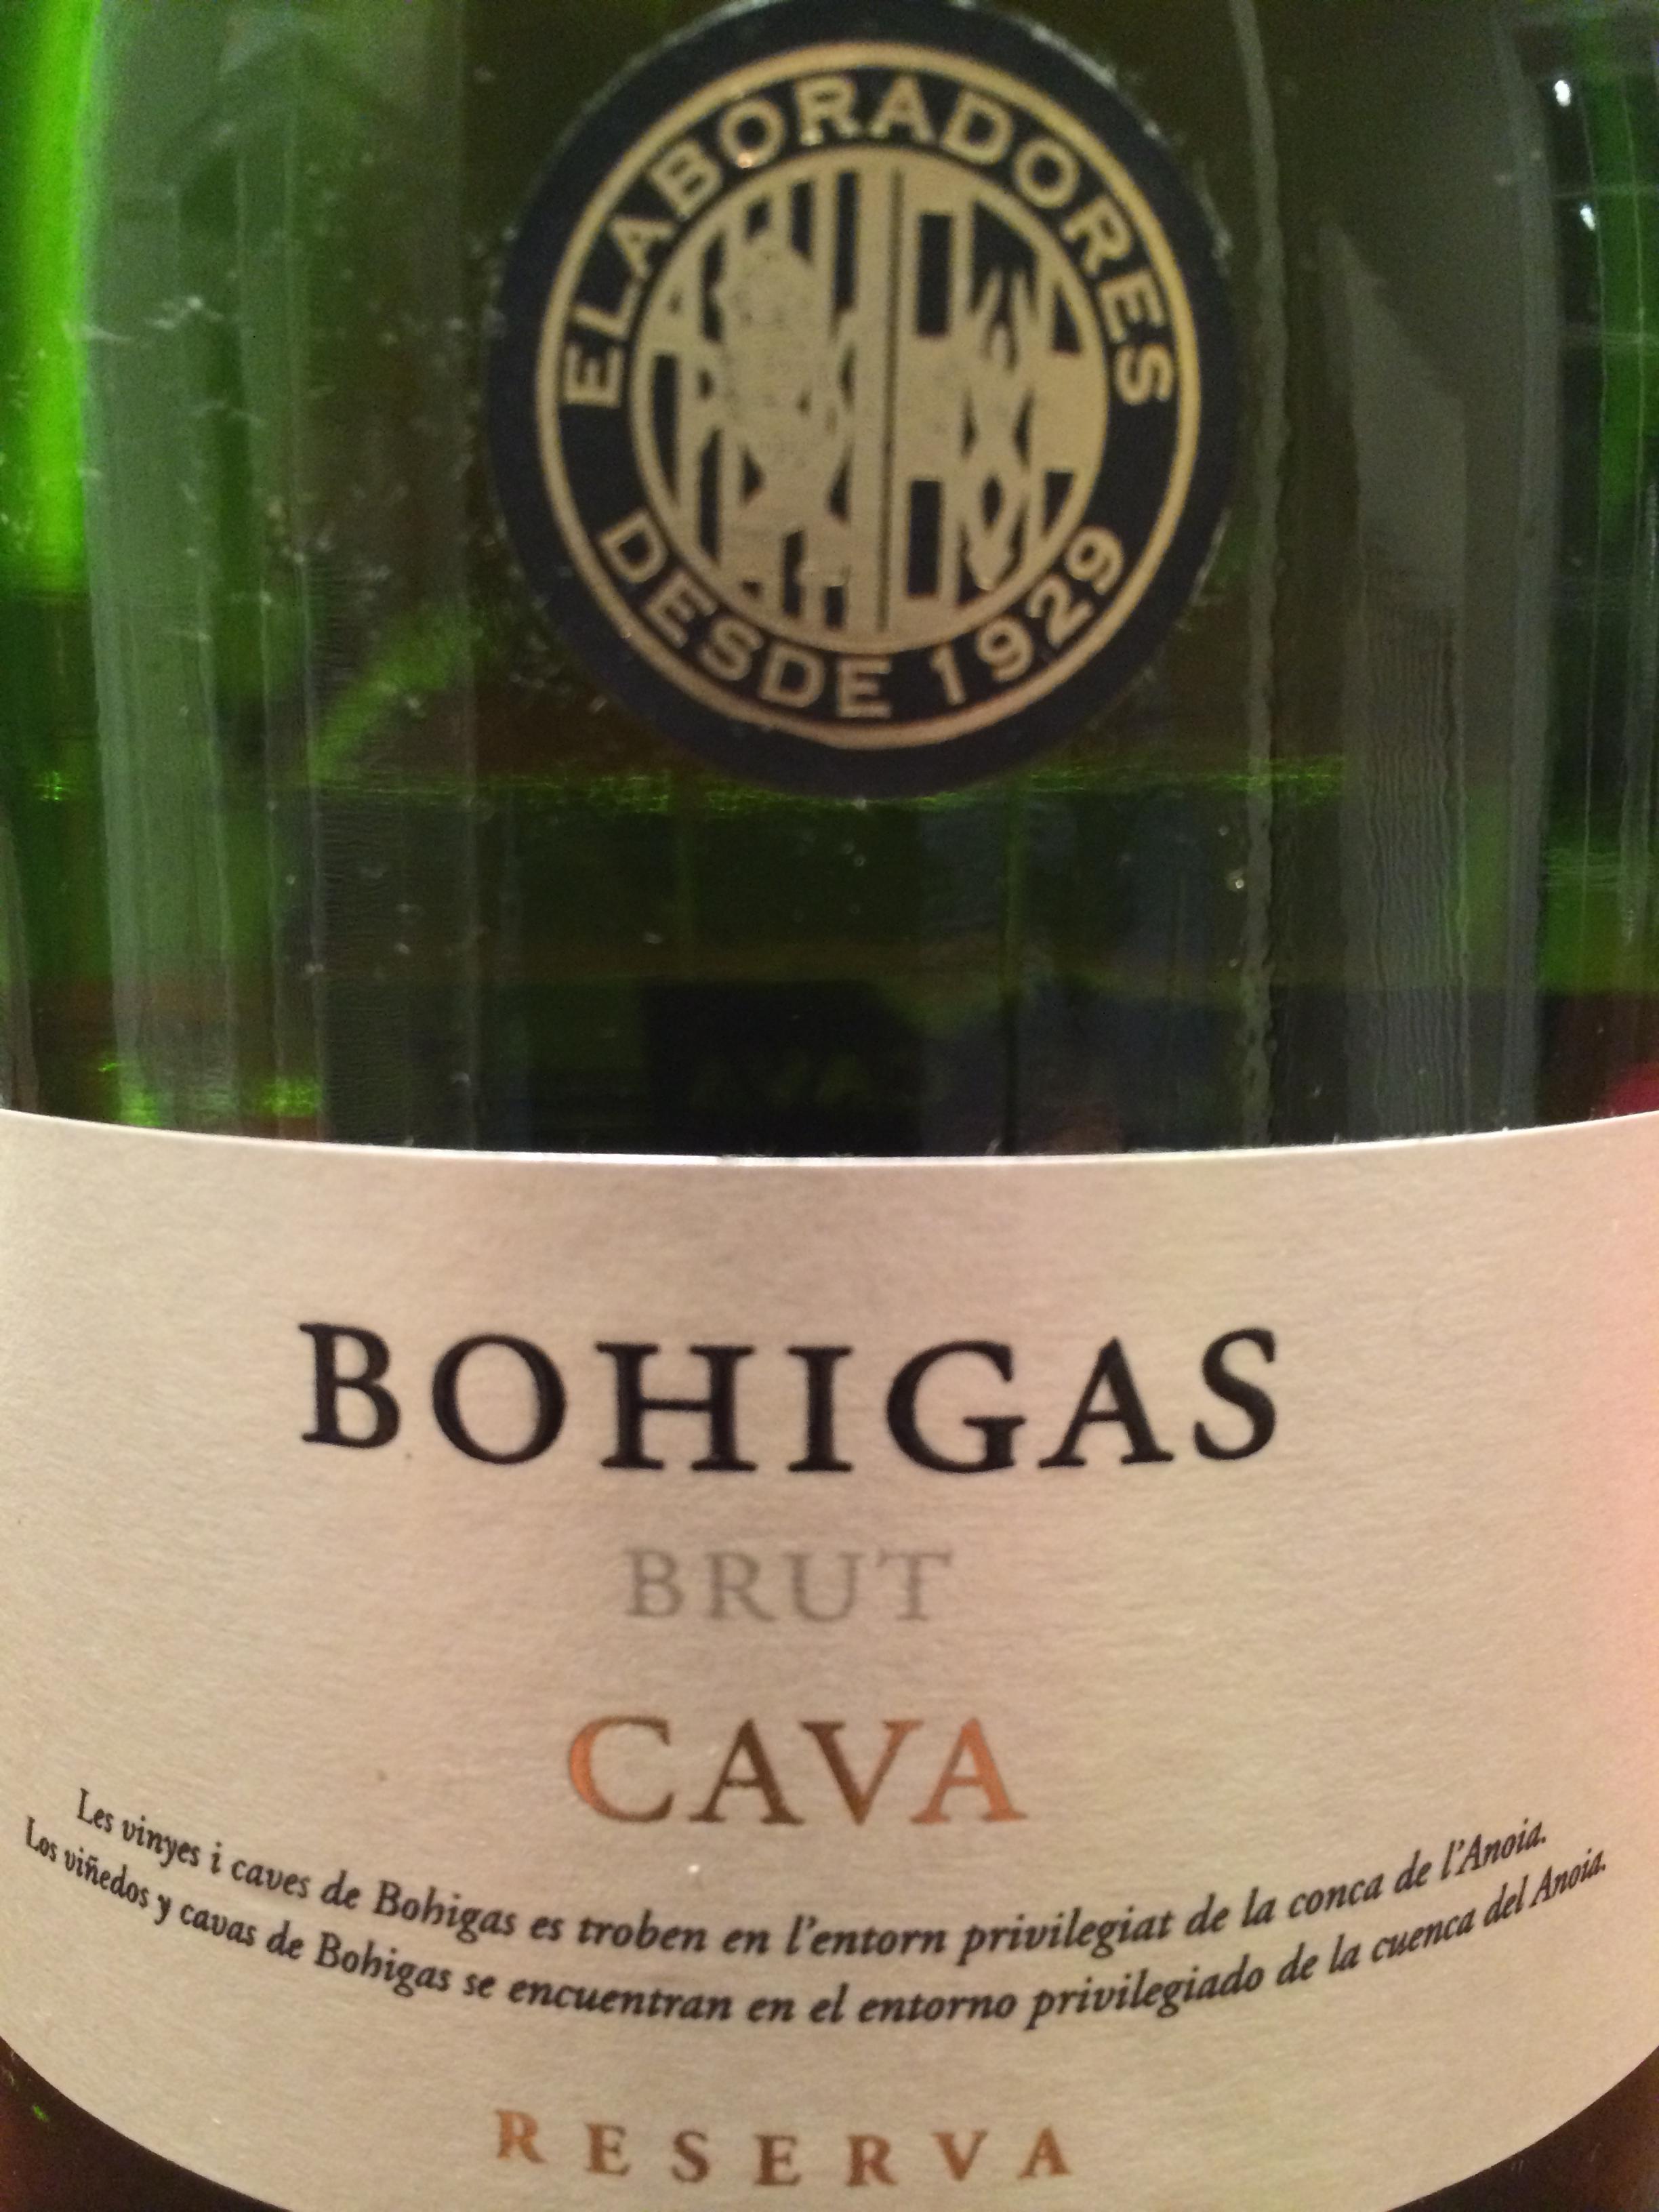 Bohigas Brut Cava